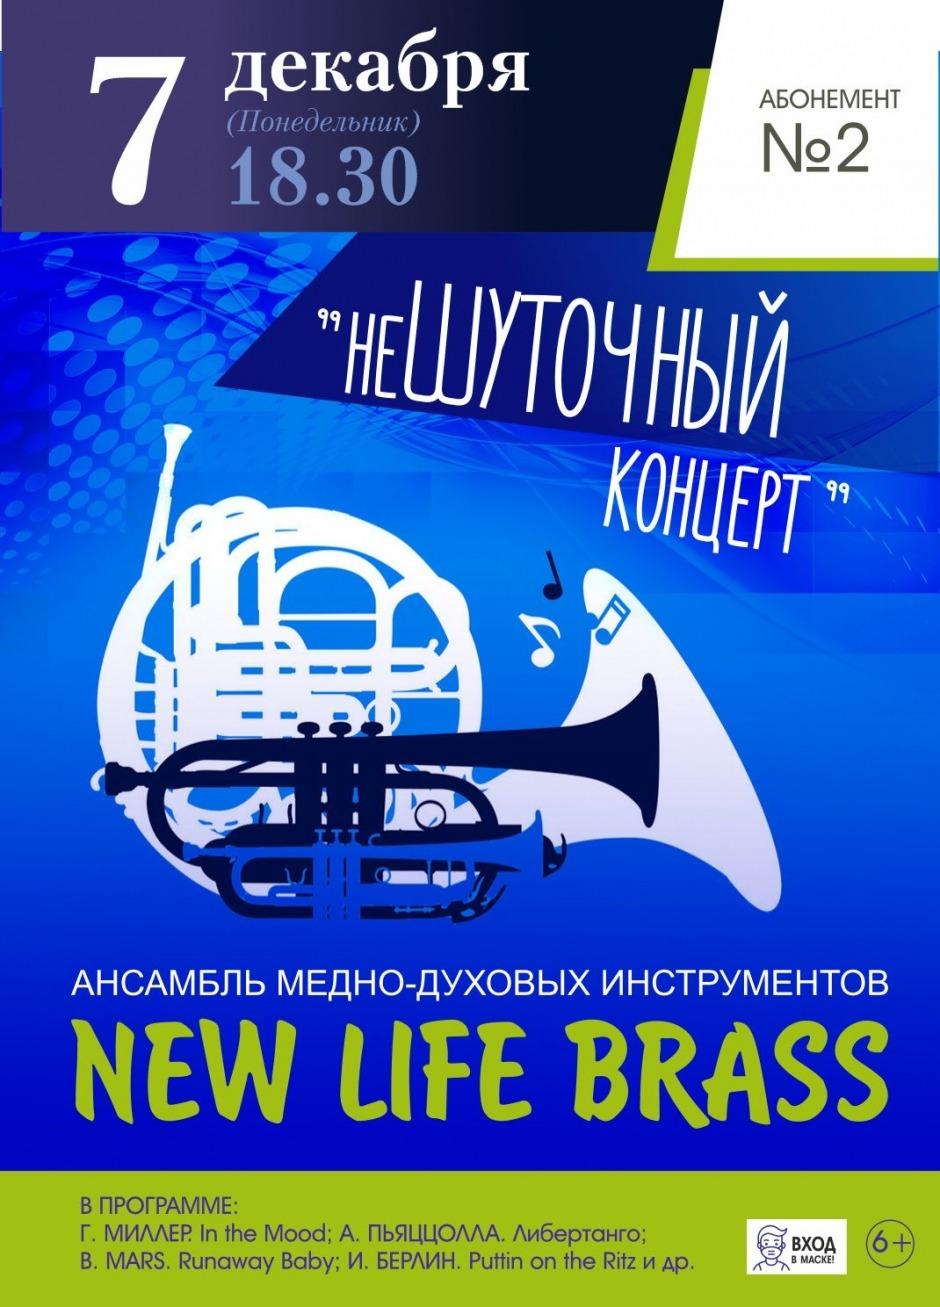 В Твери состоится «неШУТОЧНЫЙ концерт» ансамбля медно-духовых инструментов